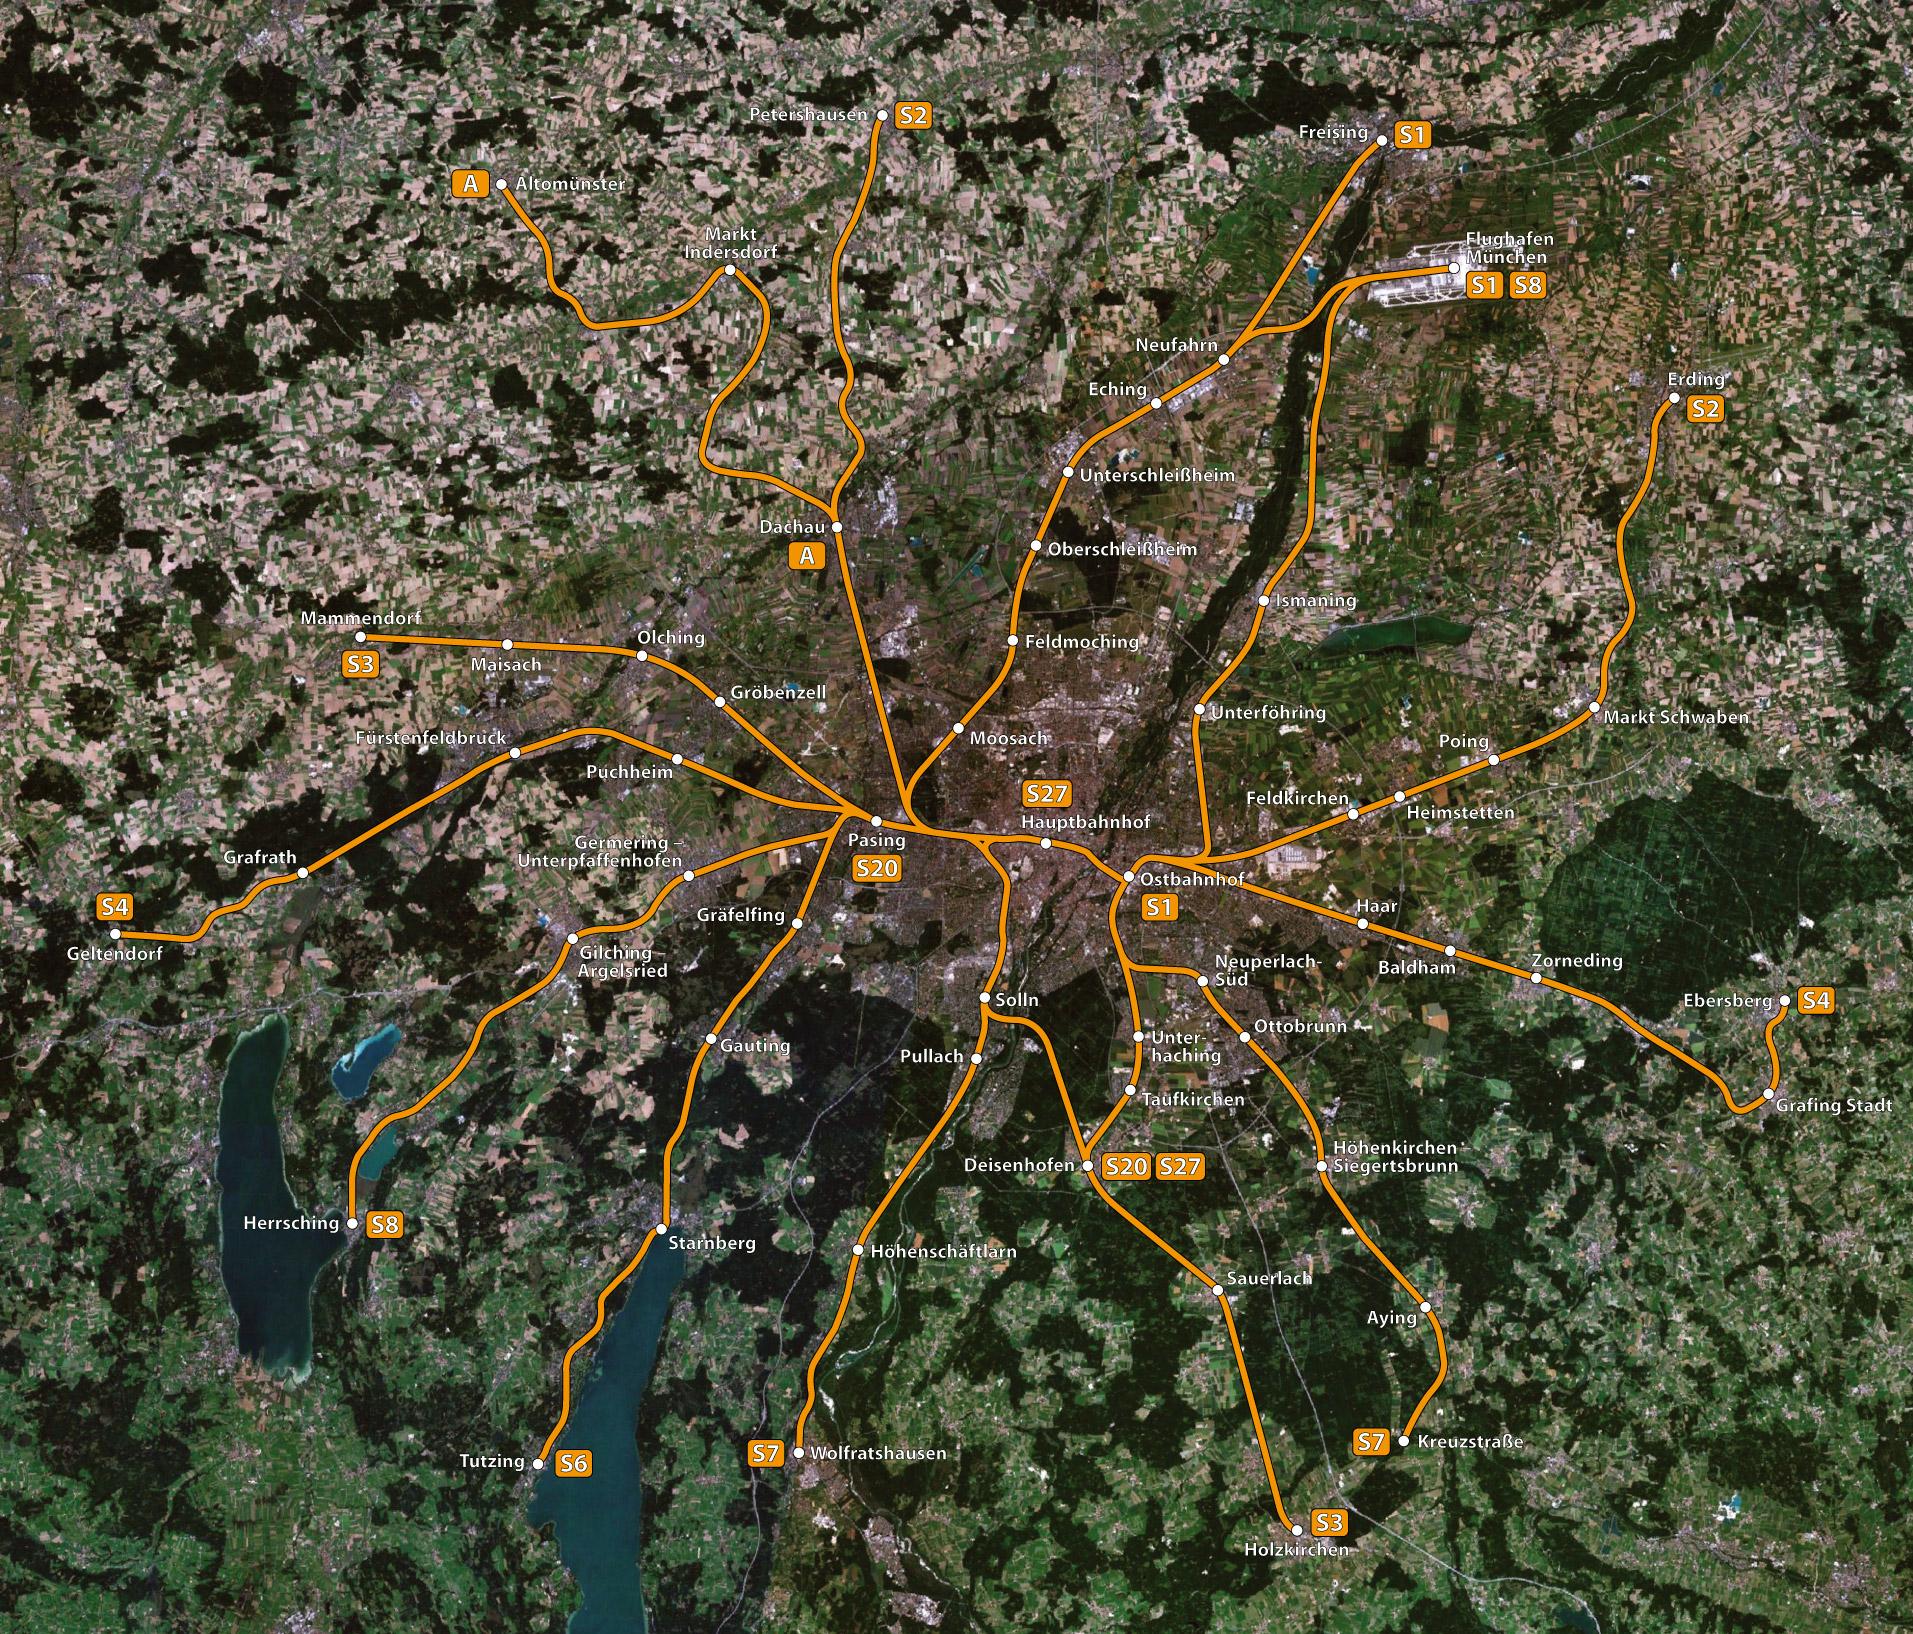 Karte München S Bahn Netz.File Streckennetz Der S Bahn München Jpg Wikimedia Commons